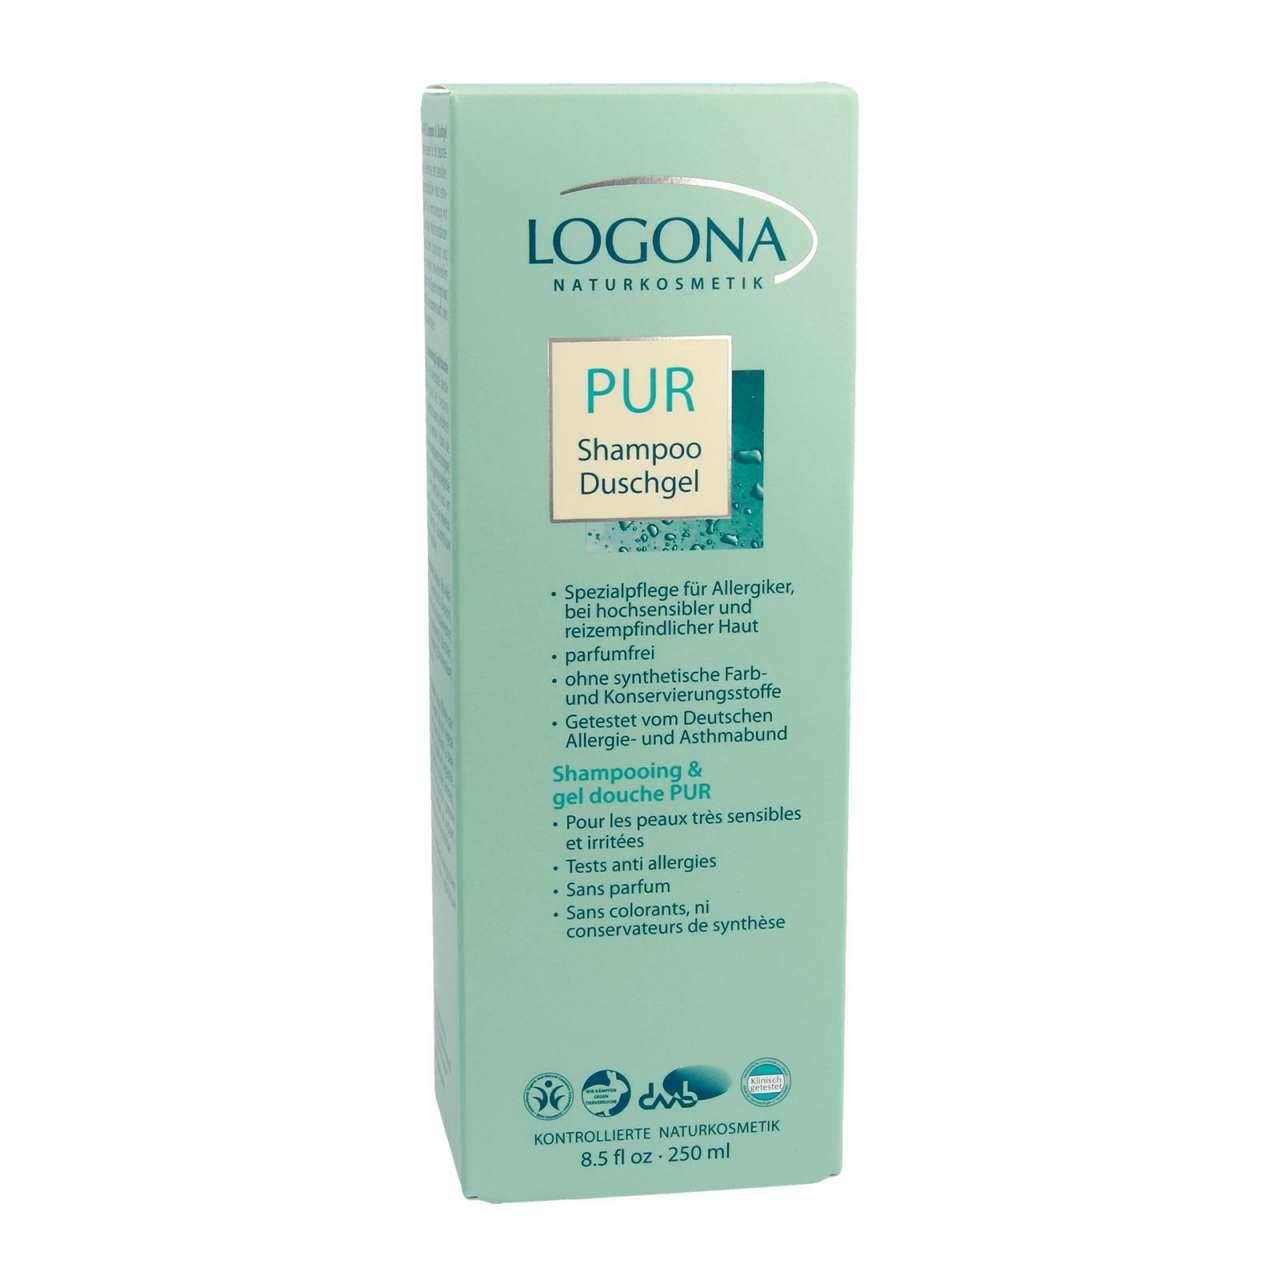 Logona Pur Shampoo & Duschgel ohne Duftstoffe für Allergiker